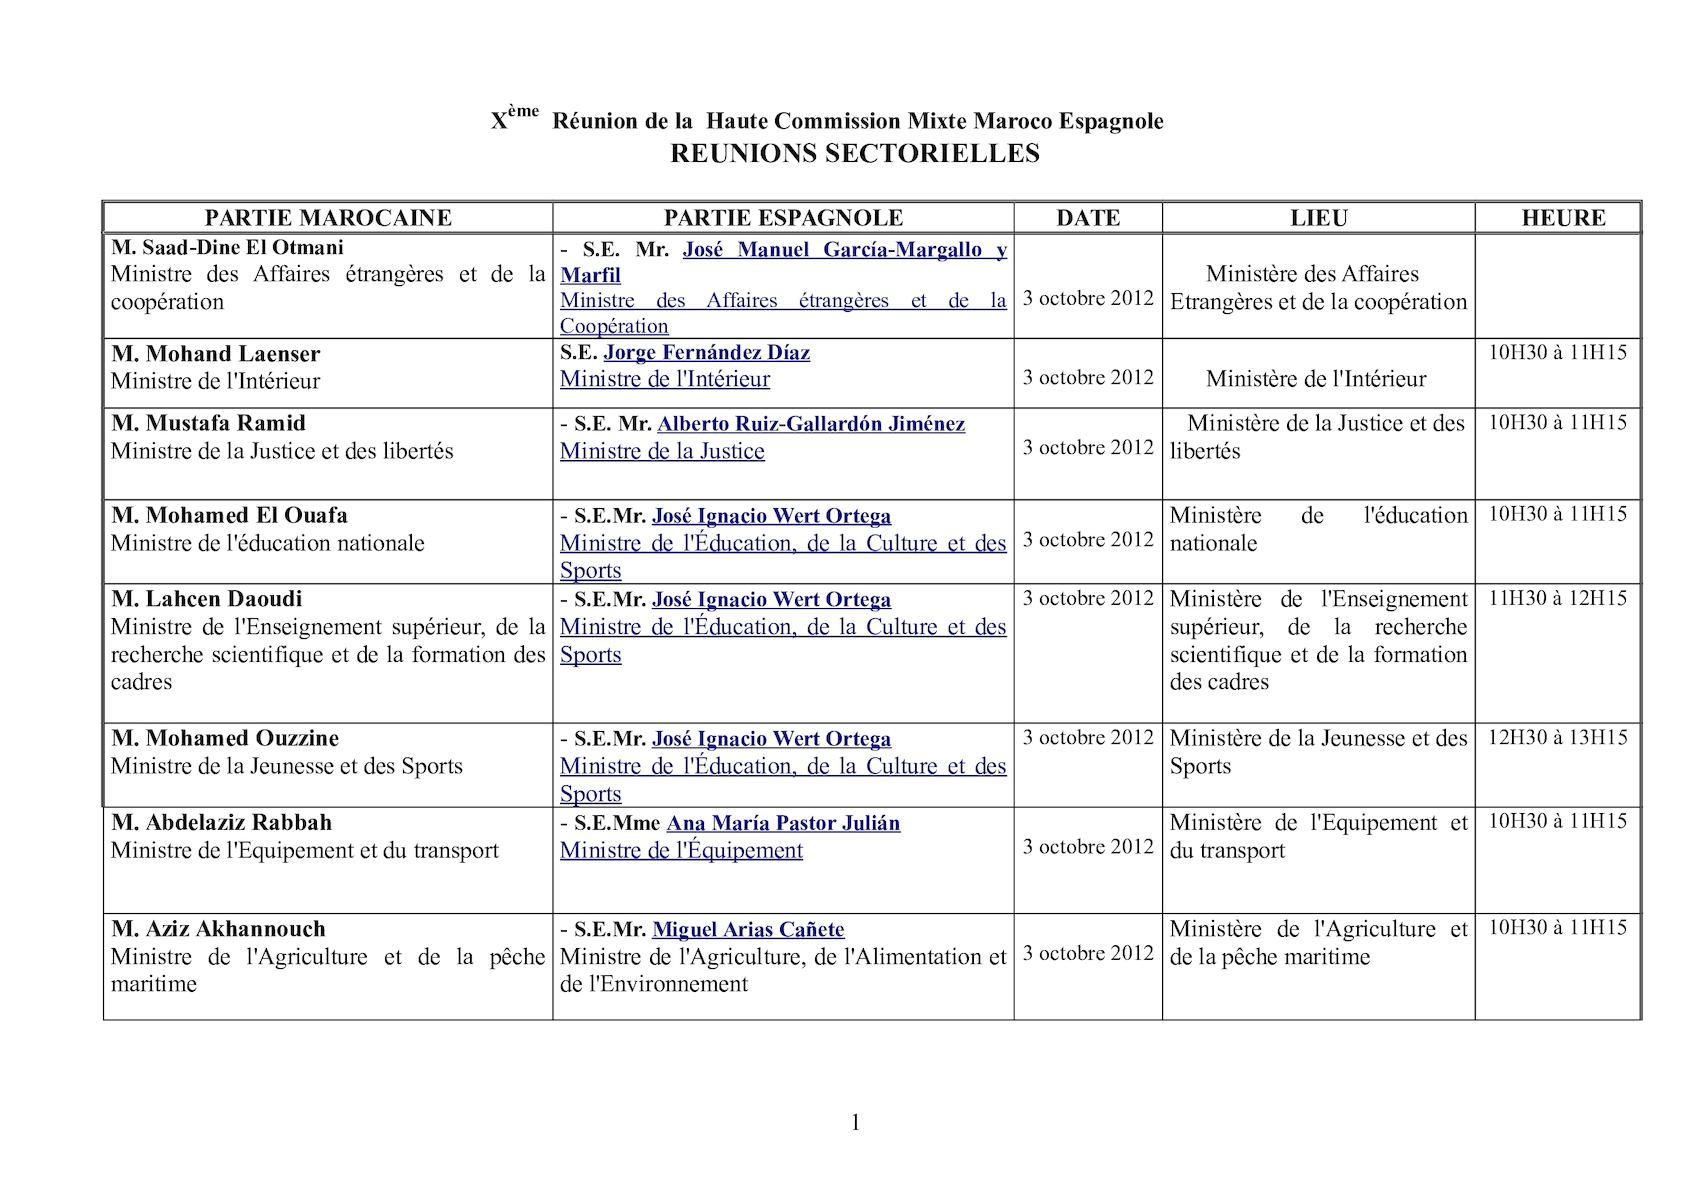 Sectorielle Marocco Espagnol Du 3 Octobre 2012